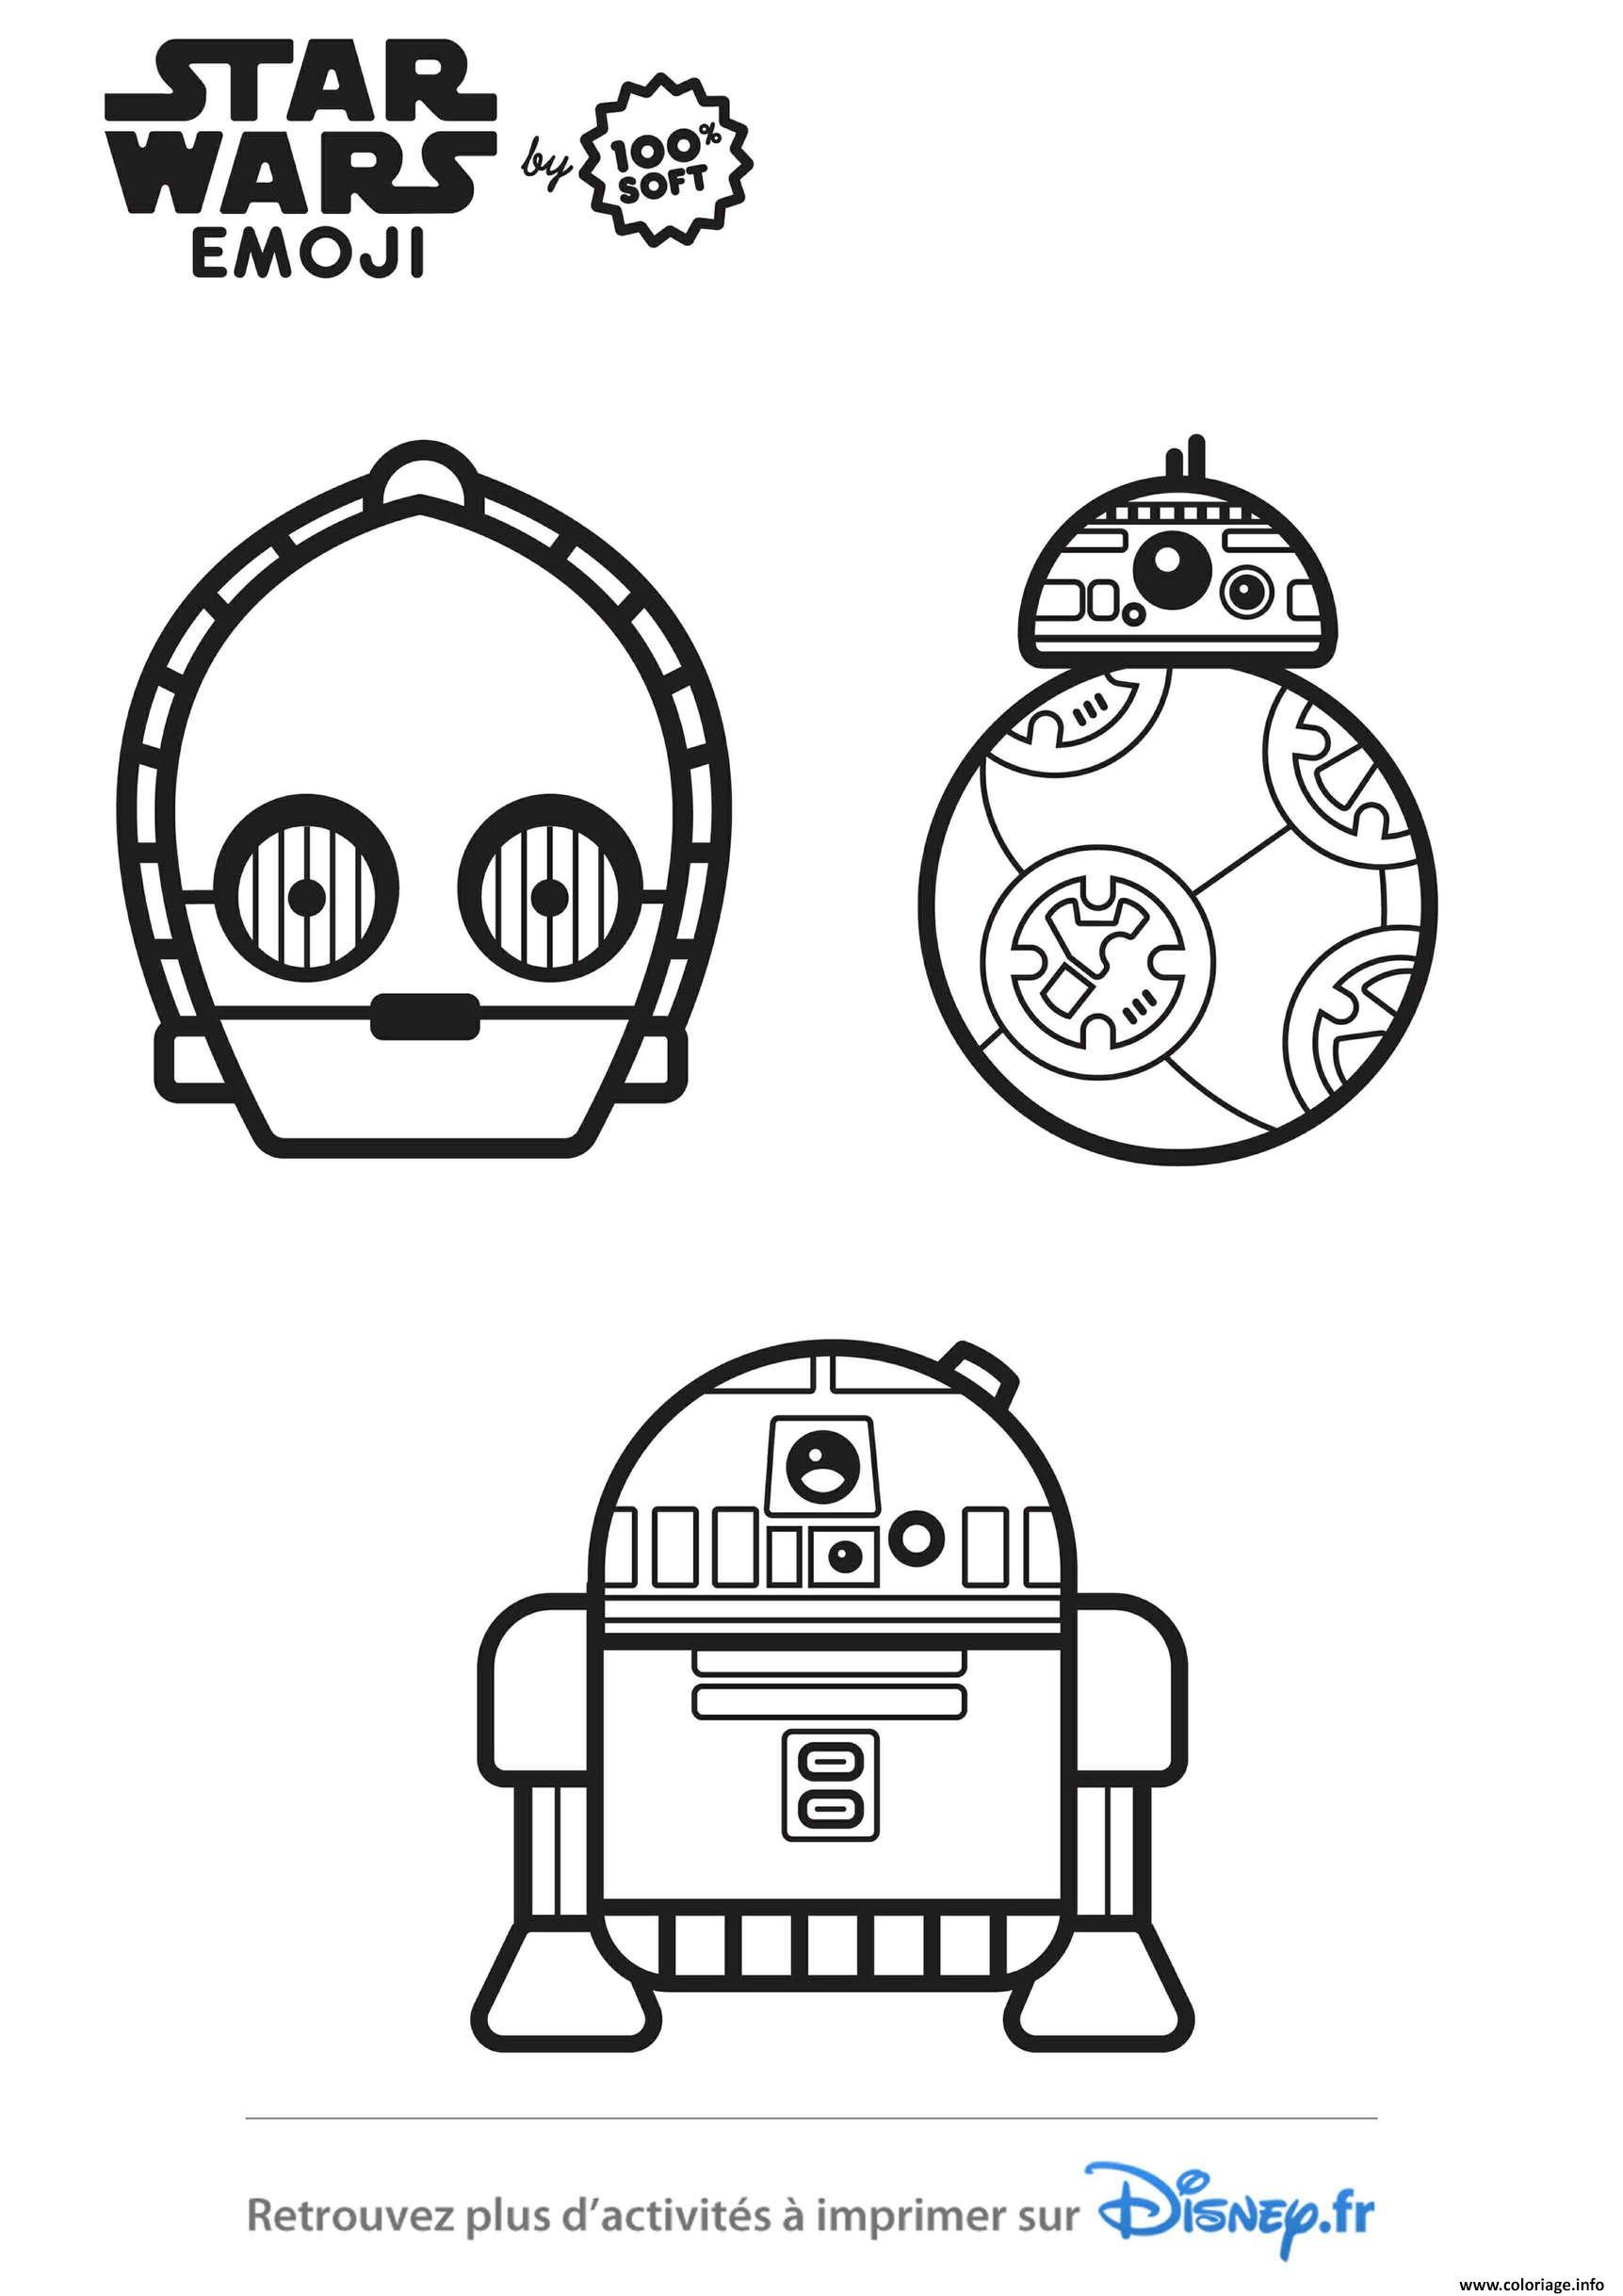 Dessin star wars personnages emoji 2 Coloriage Gratuit à Imprimer